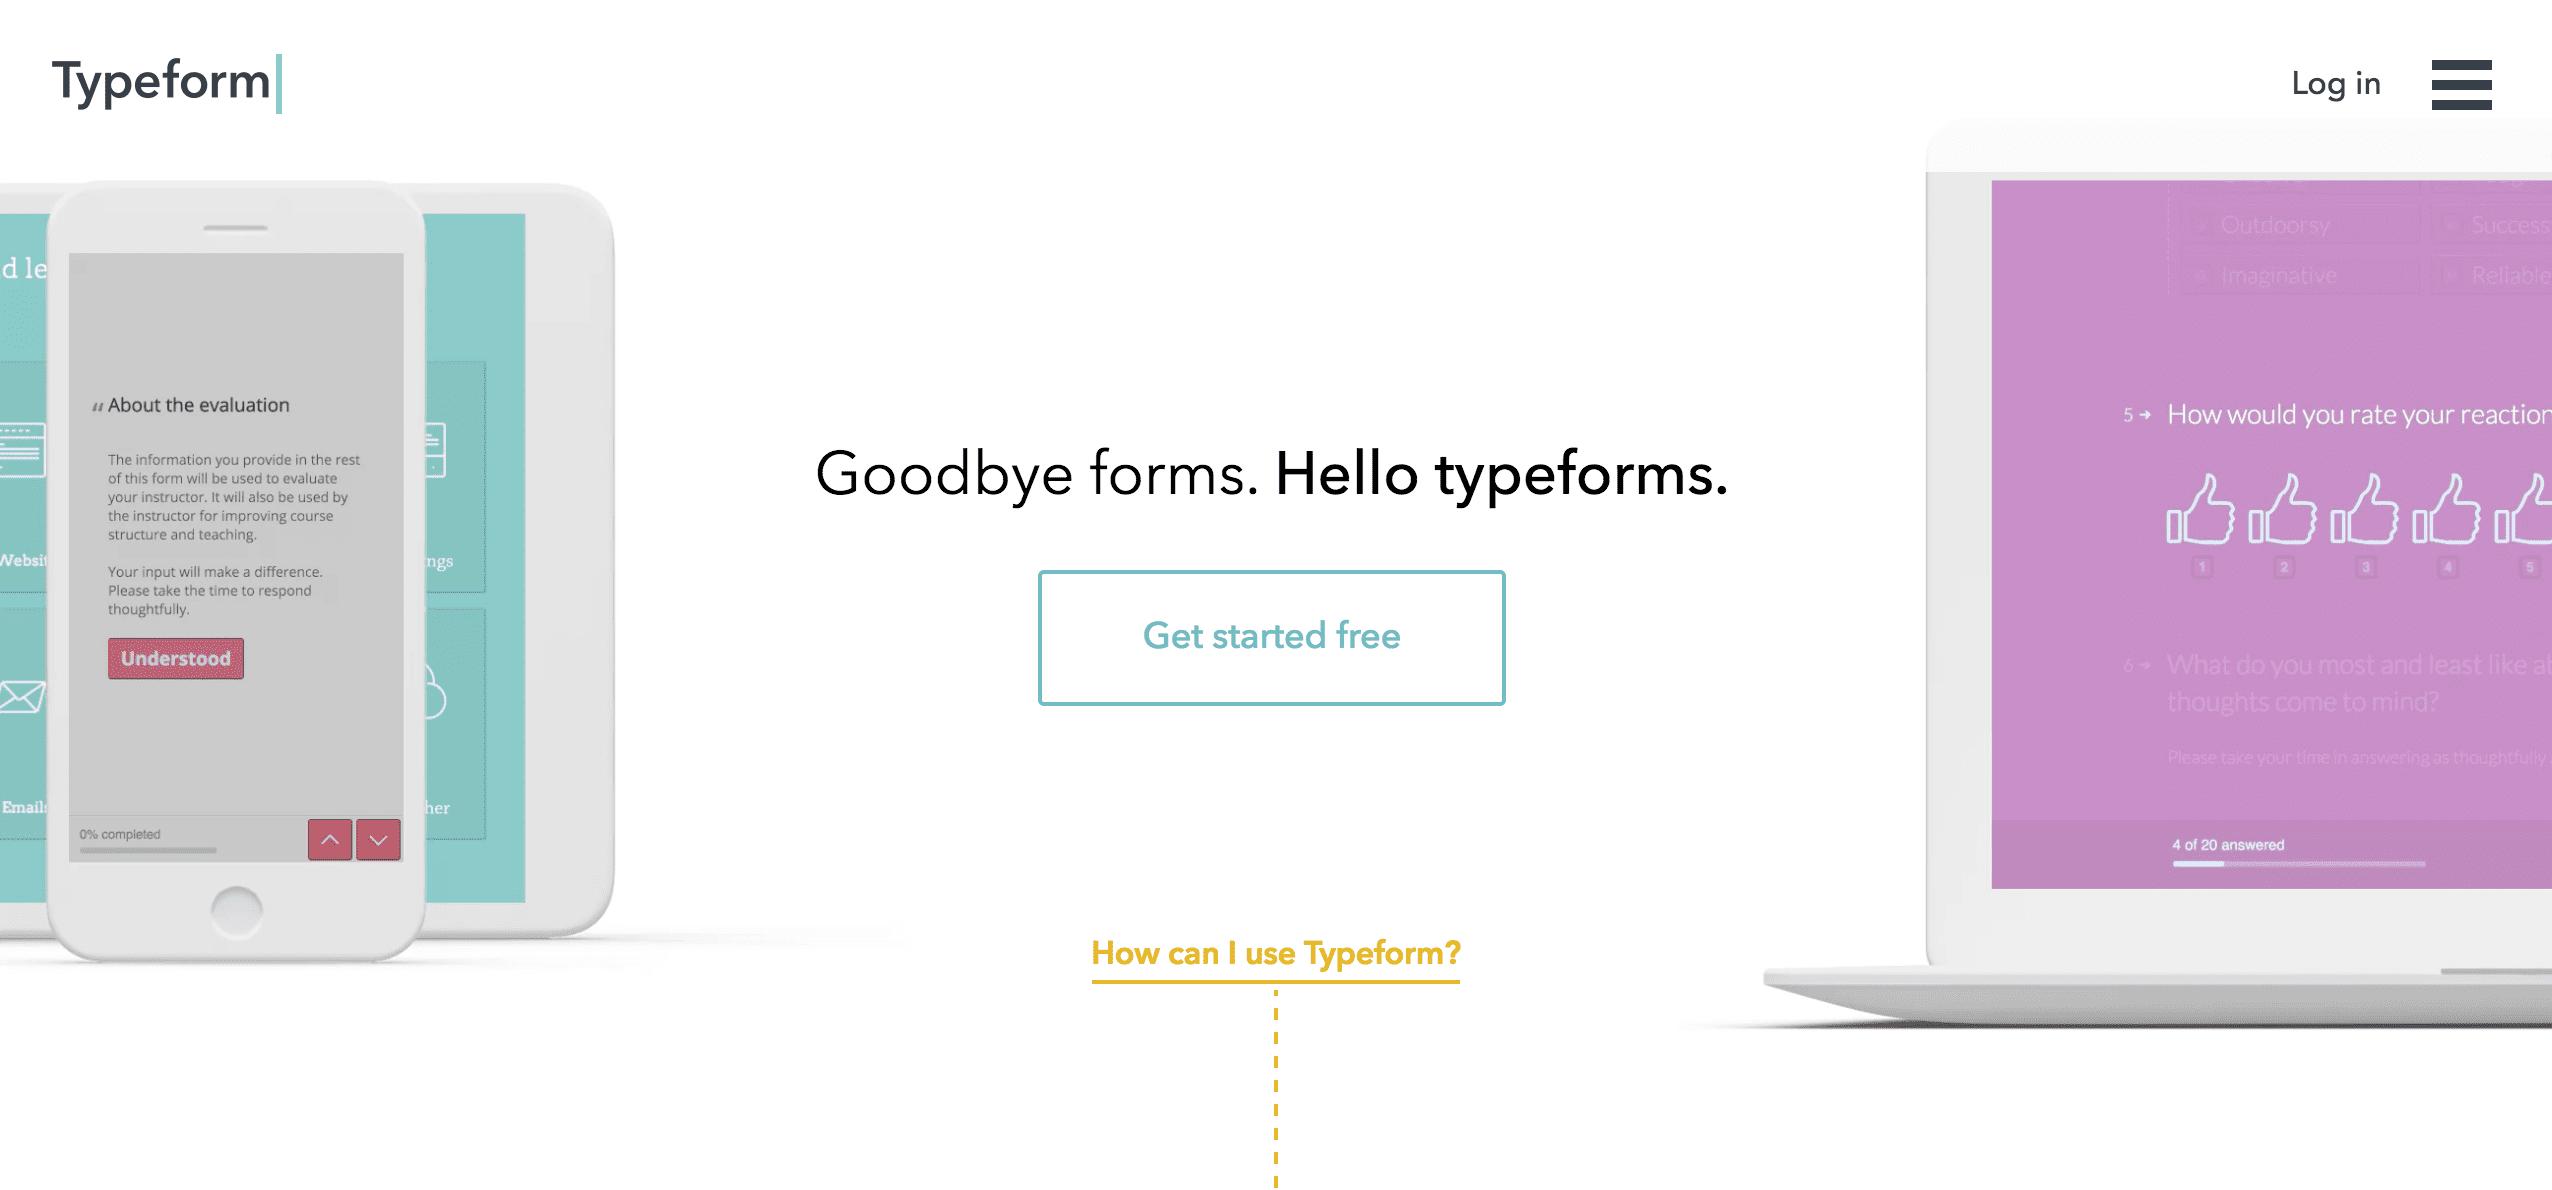 Typeform - user onboarding tools